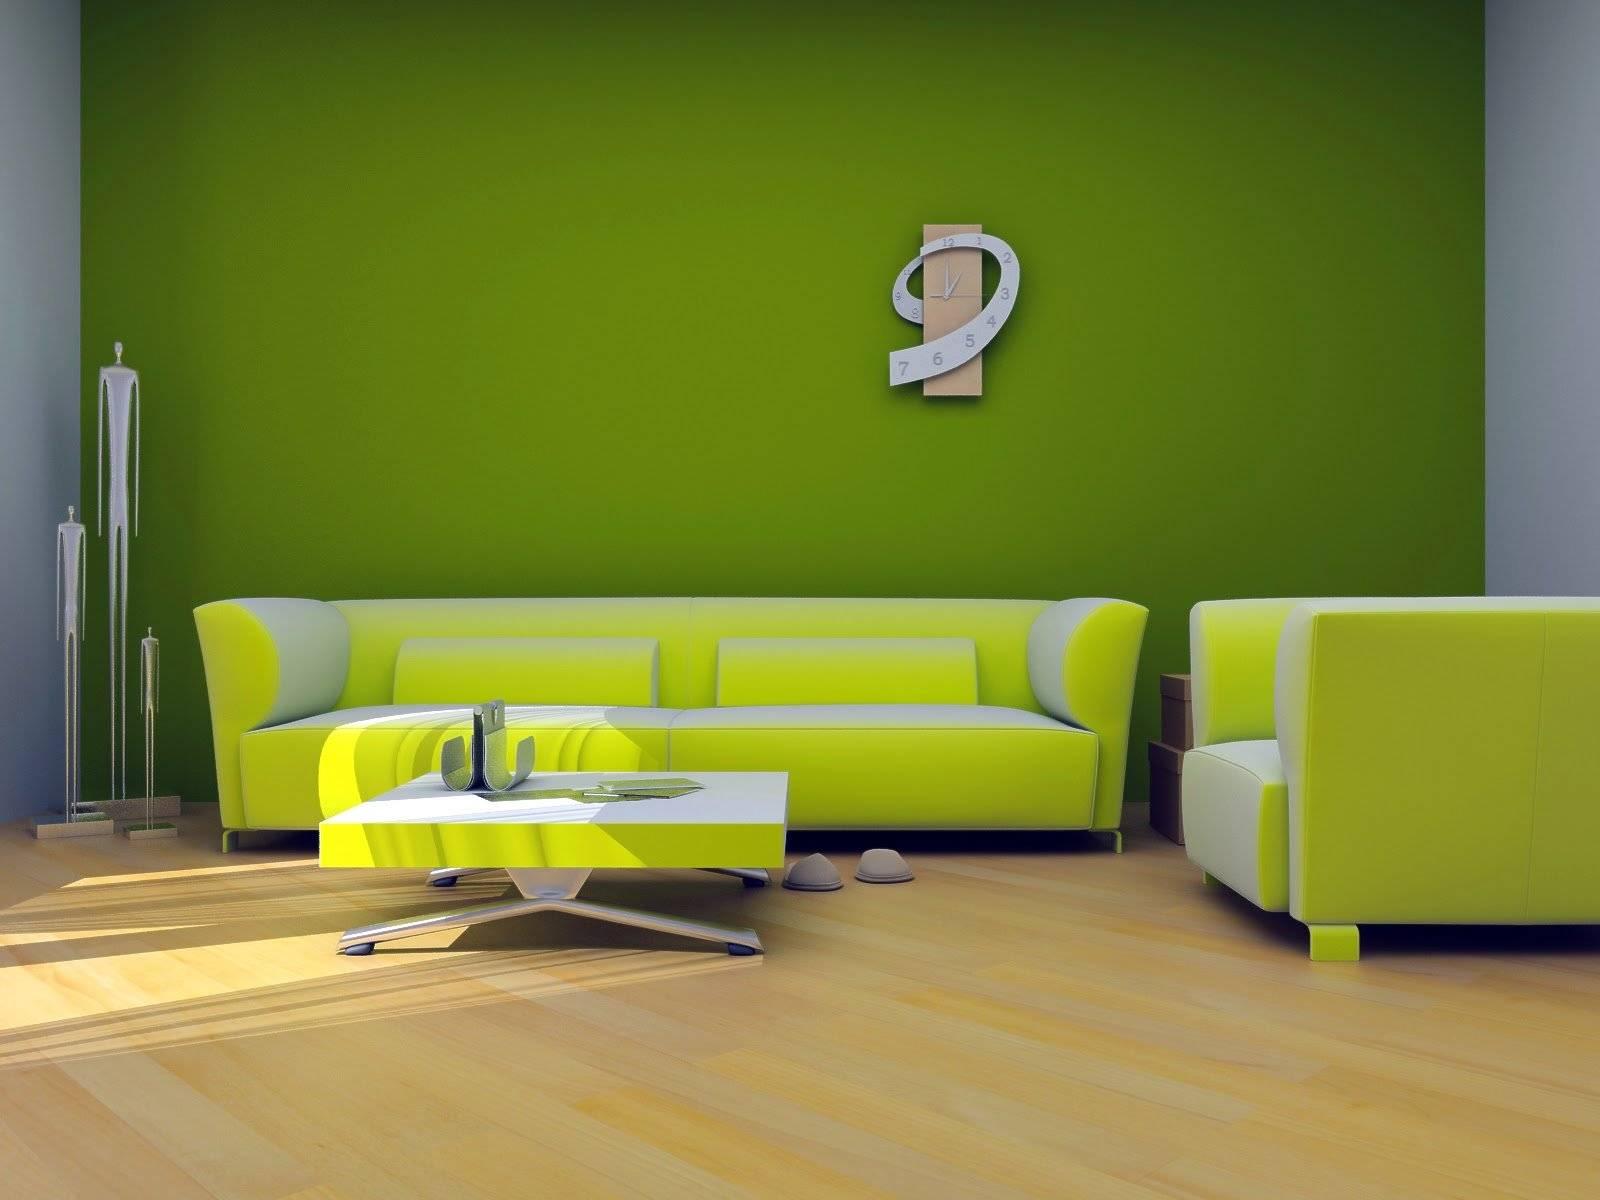 Идеи оформления спален в зеленых тонах: актуальные сочетания, новые идеи дизайна (+77 фото)